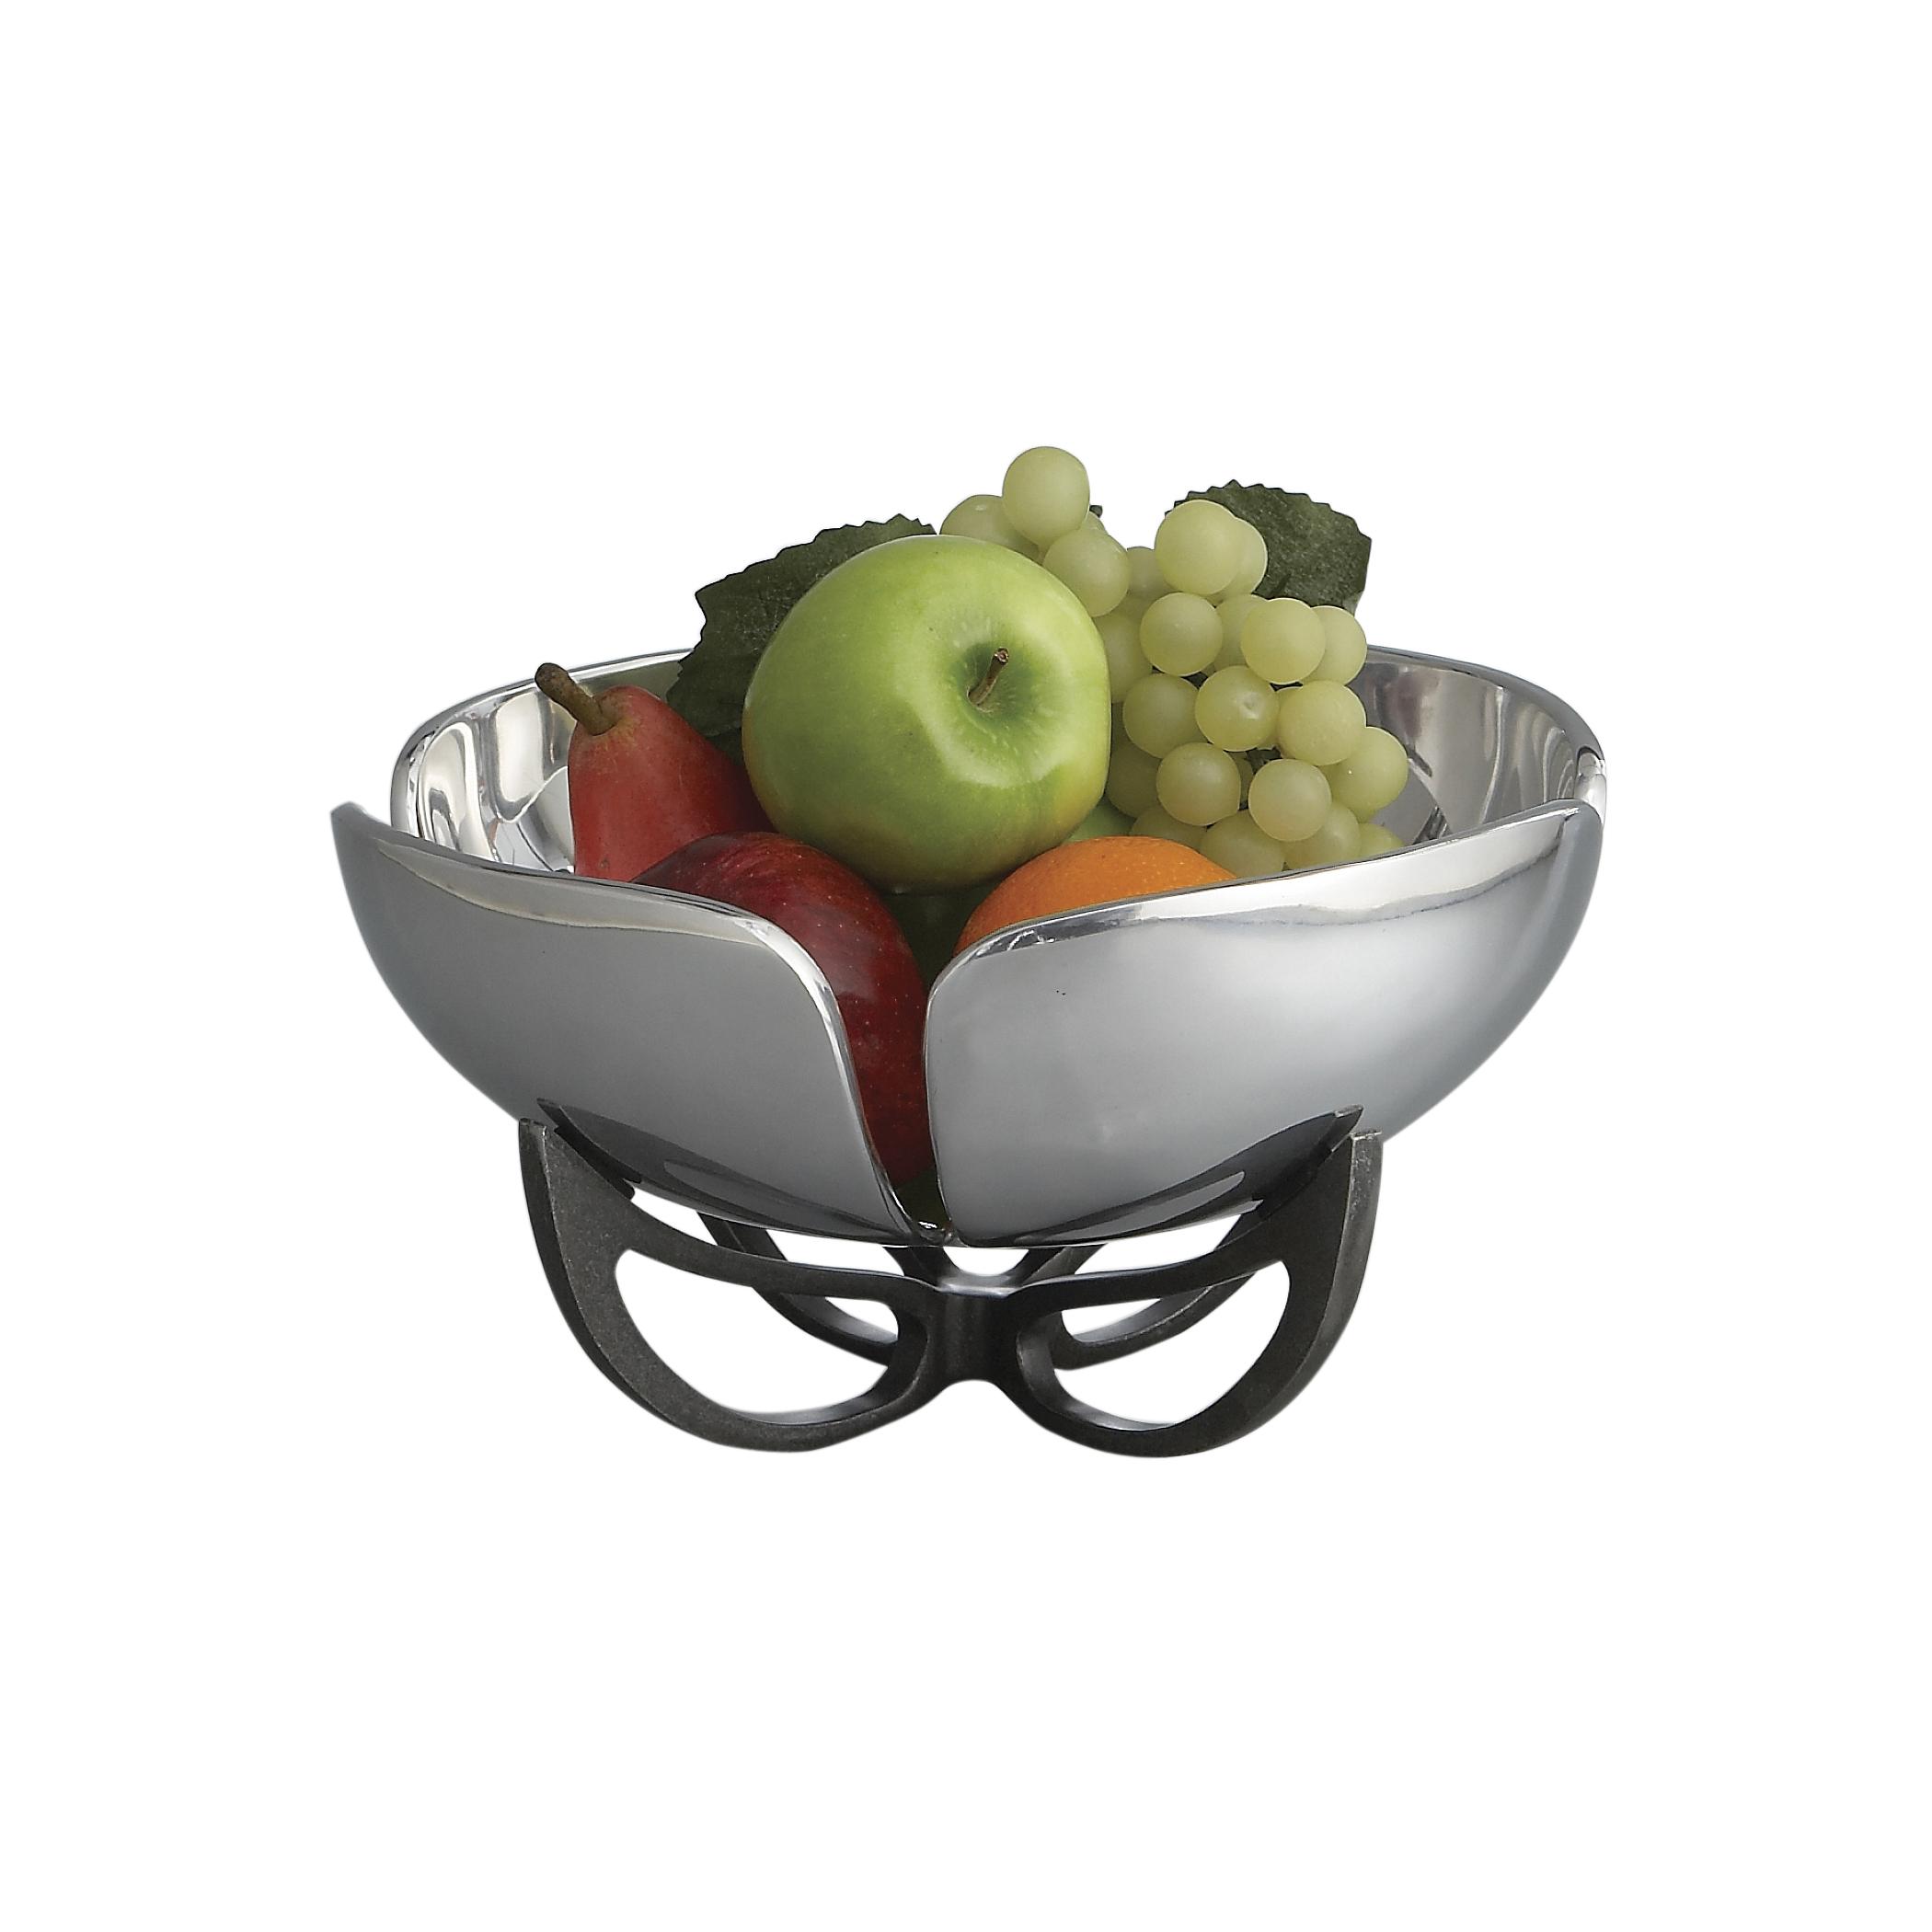 Anvil Petal Fruit Bowl